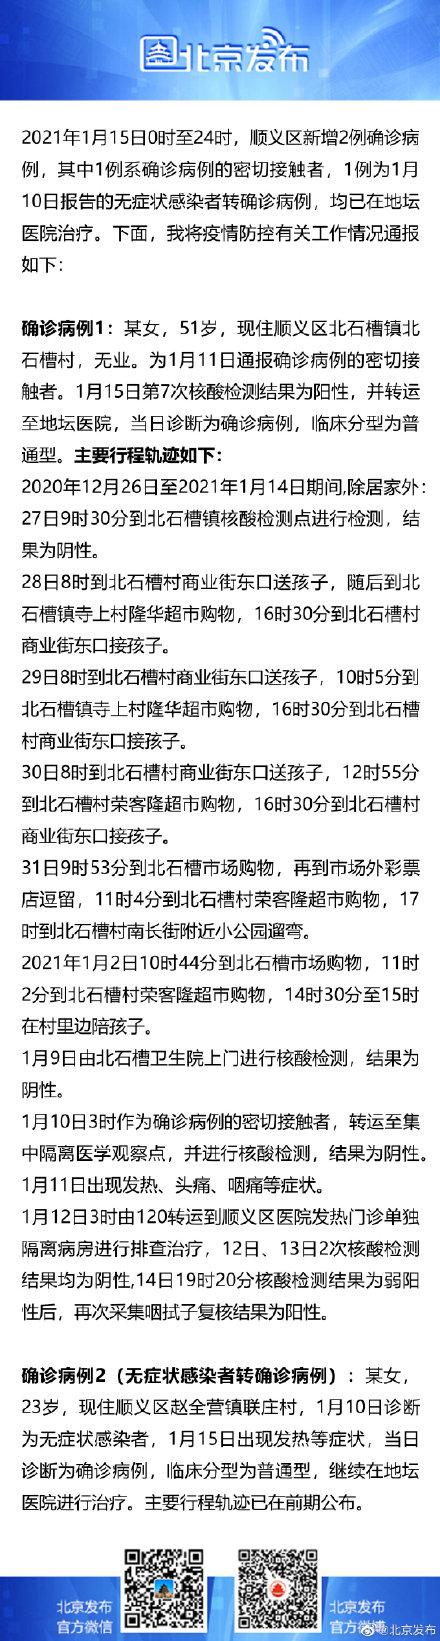 北京昨日确诊病例行程轨迹发布 曾多次到超市购物